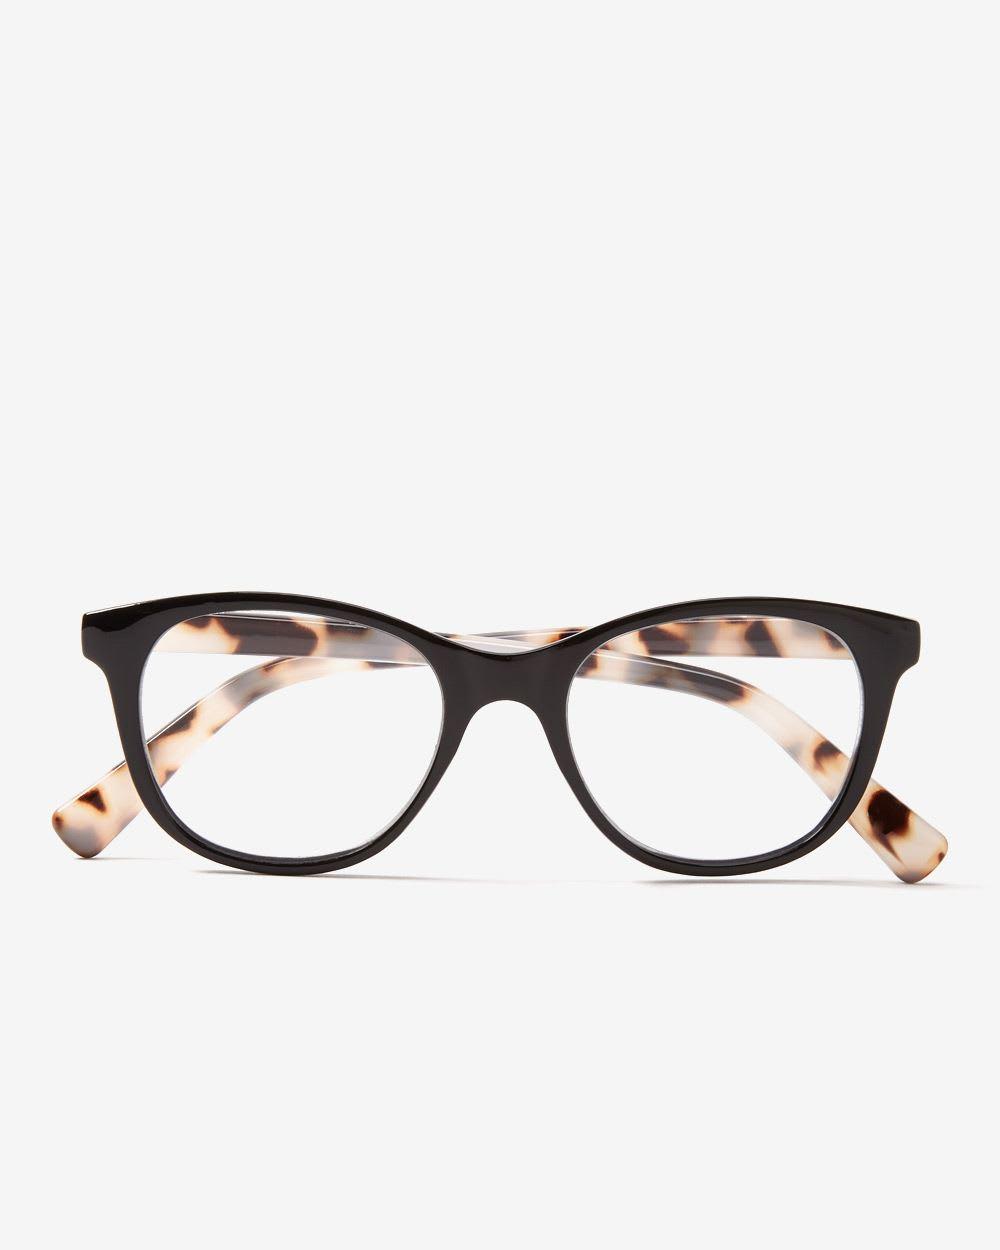 Lunettes de lecture oeil-de-chat